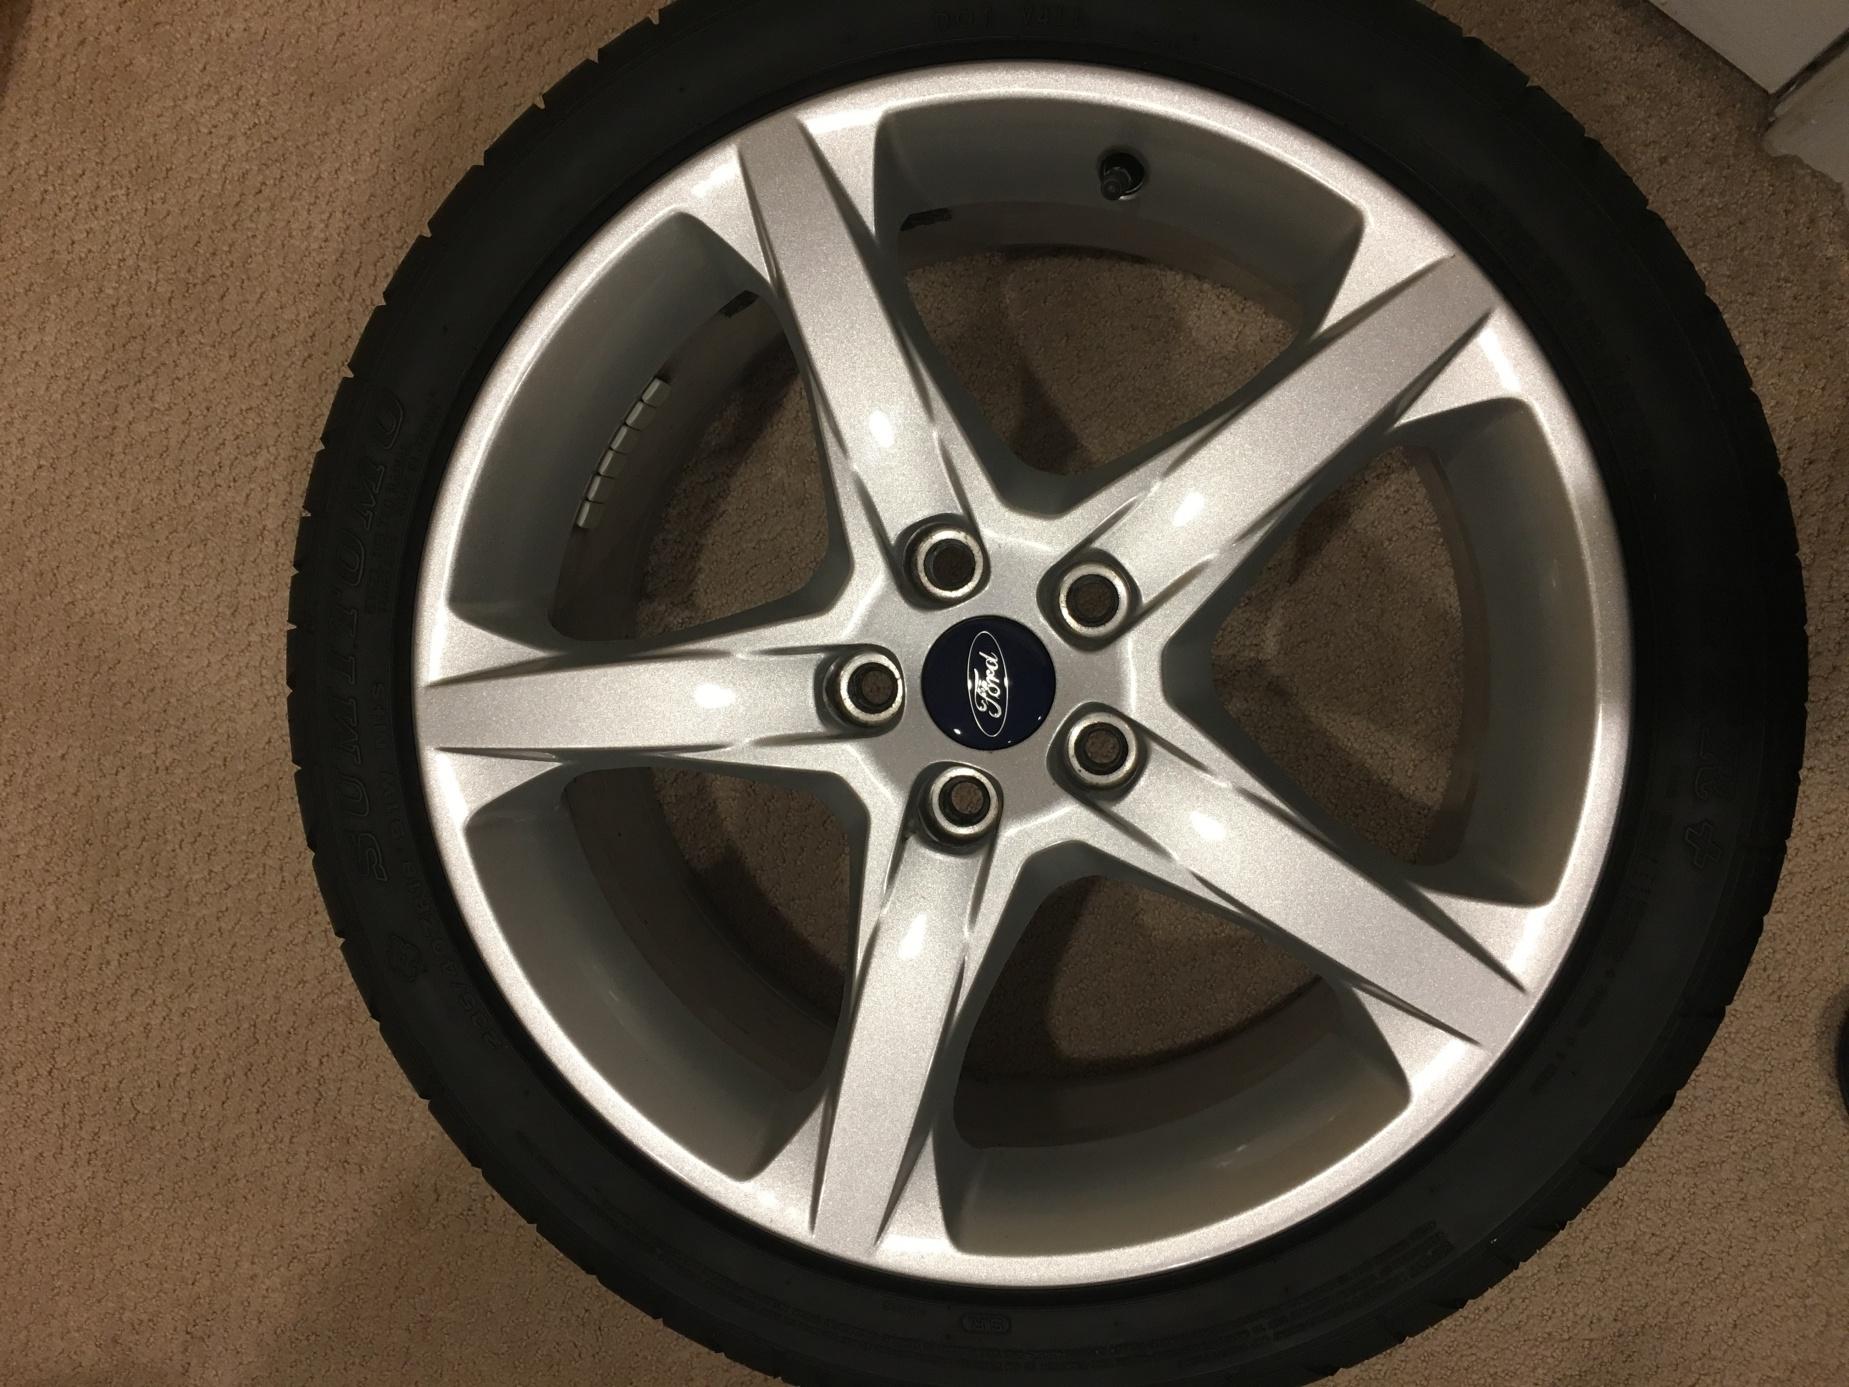 """For Sale: 18"""" Titanium Wheels & Tires-ca58706a-2fcb-4879-adc1-66204da76b99.jpg"""